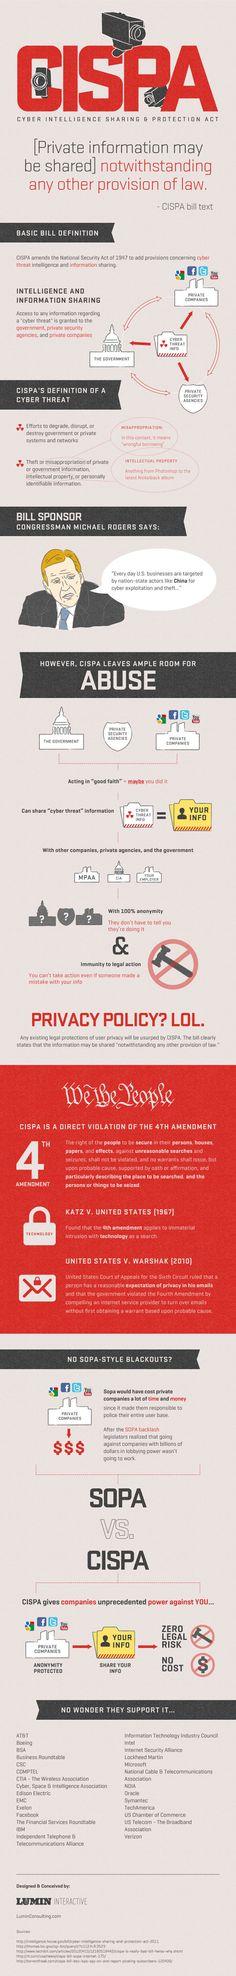 Depois do SOPA e PIPA, você precisa se preocupar com o CISPA